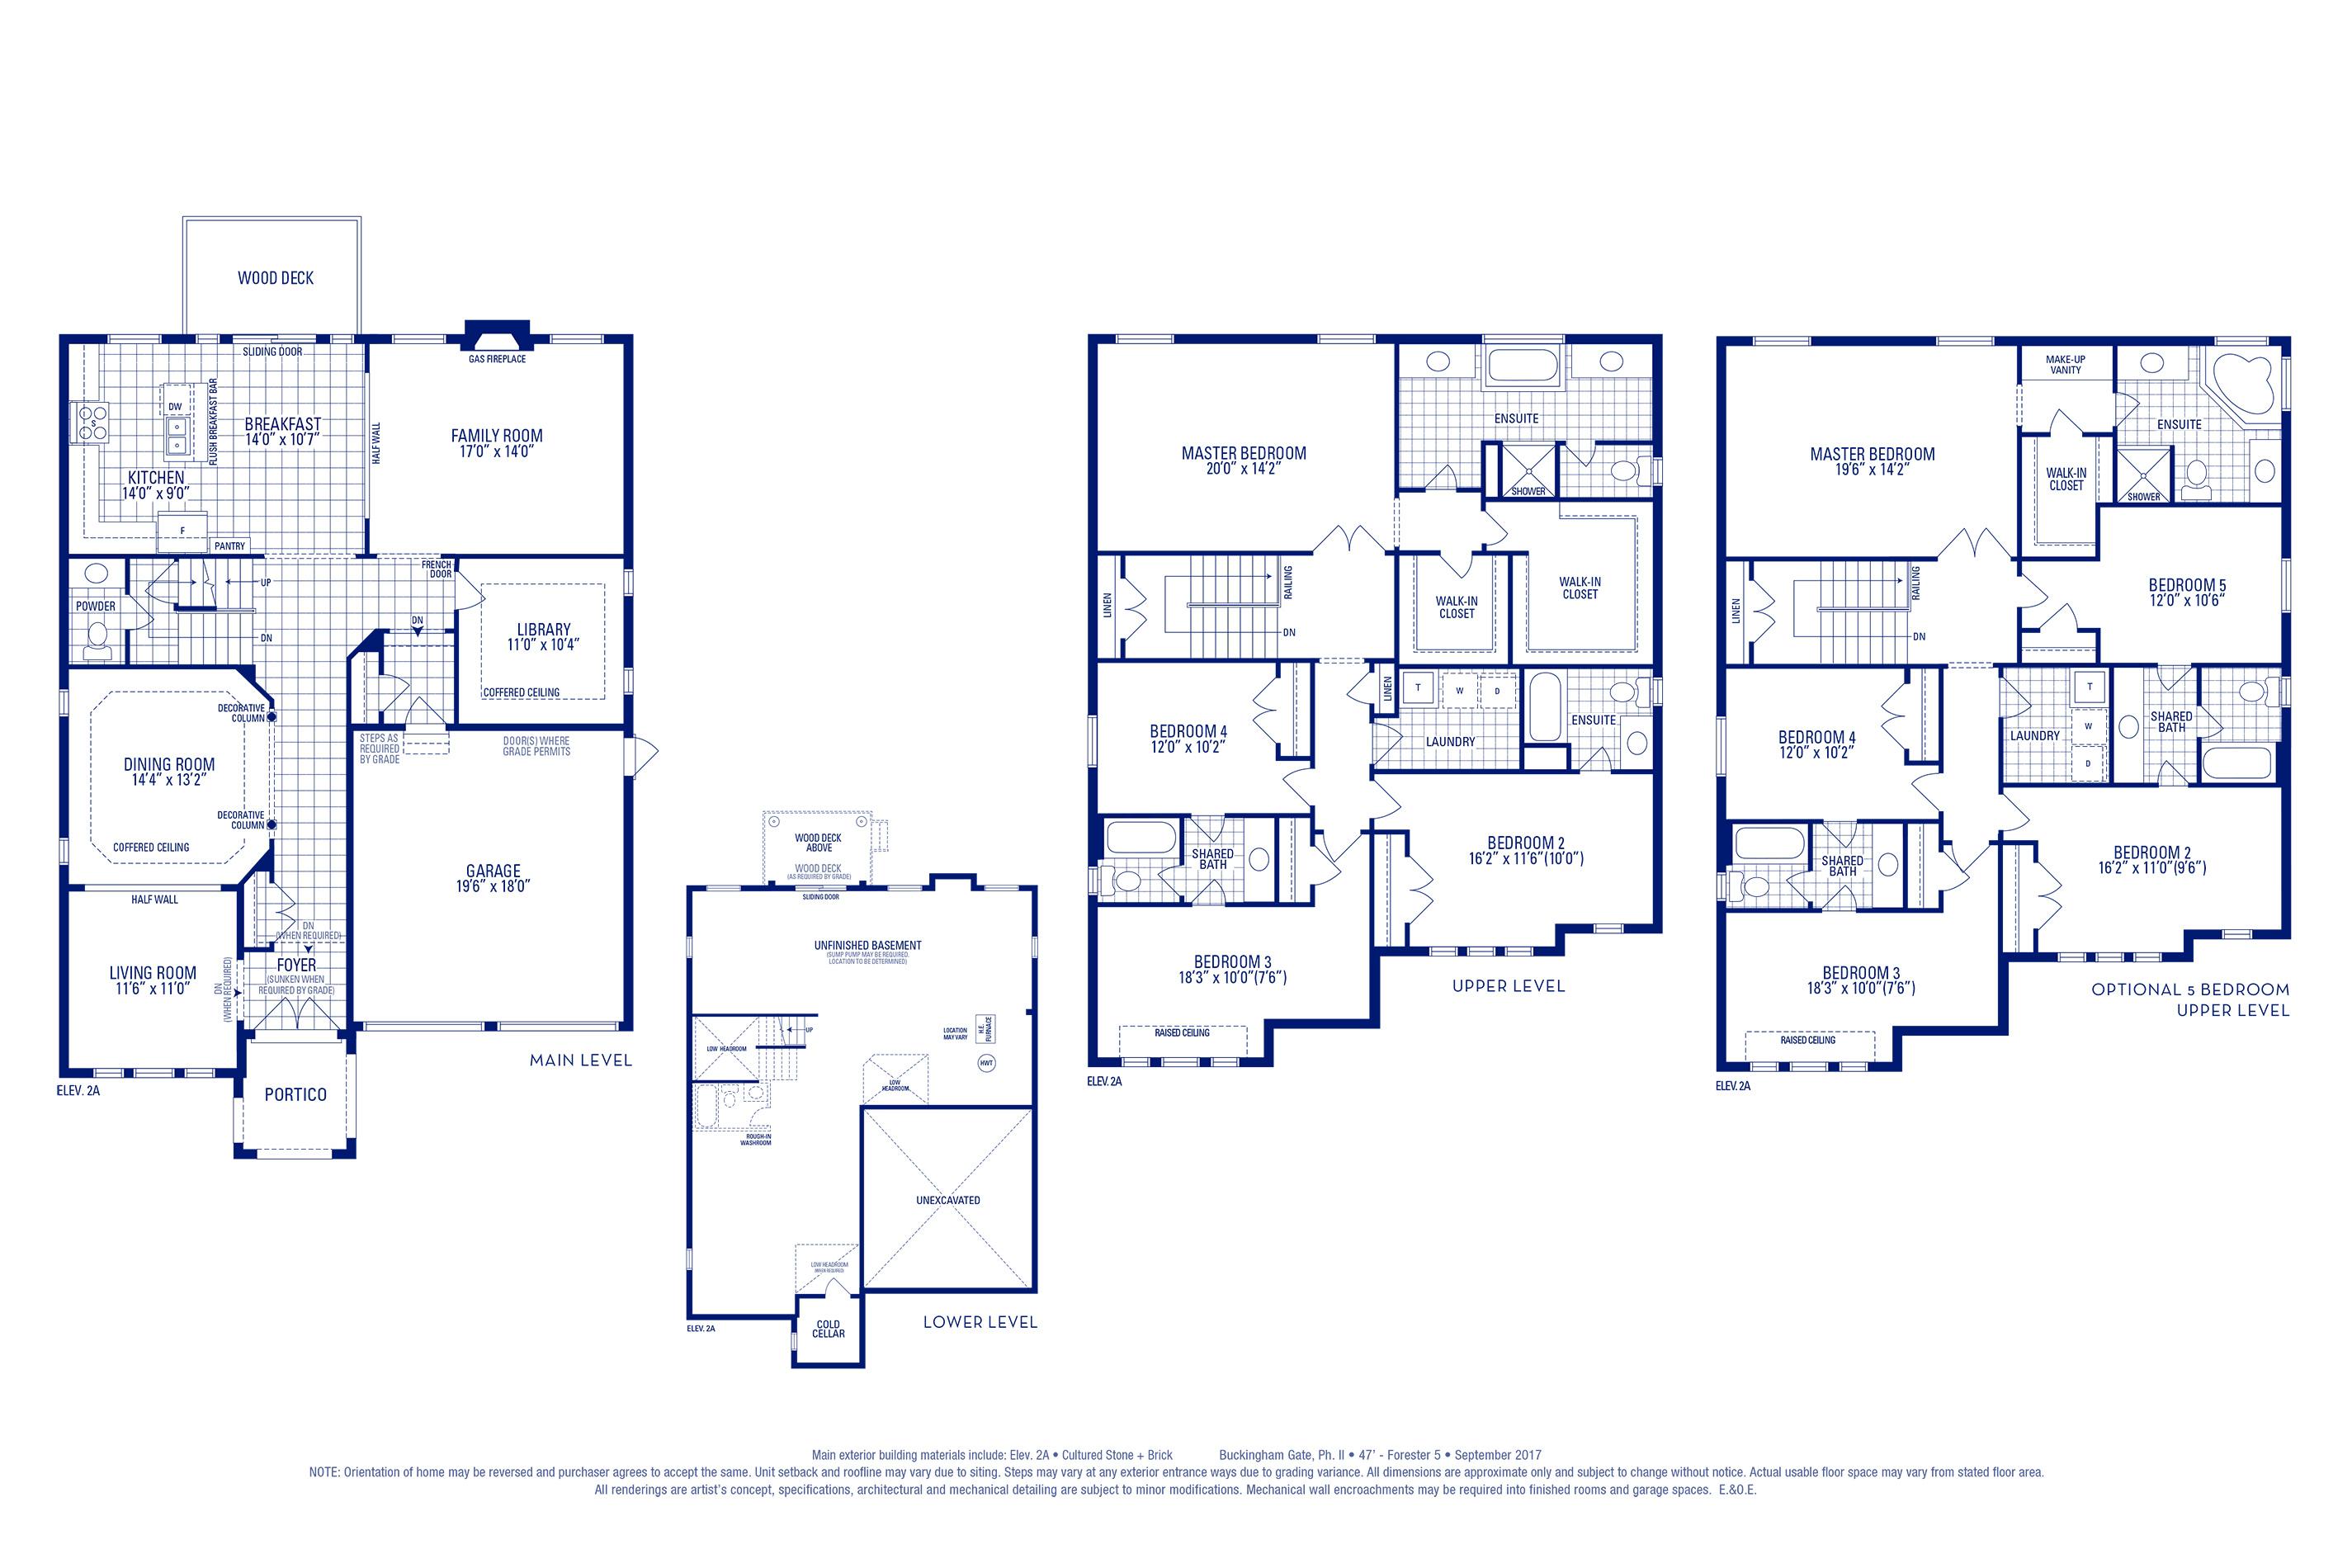 Forester 05 Elev. 2A Floorplan